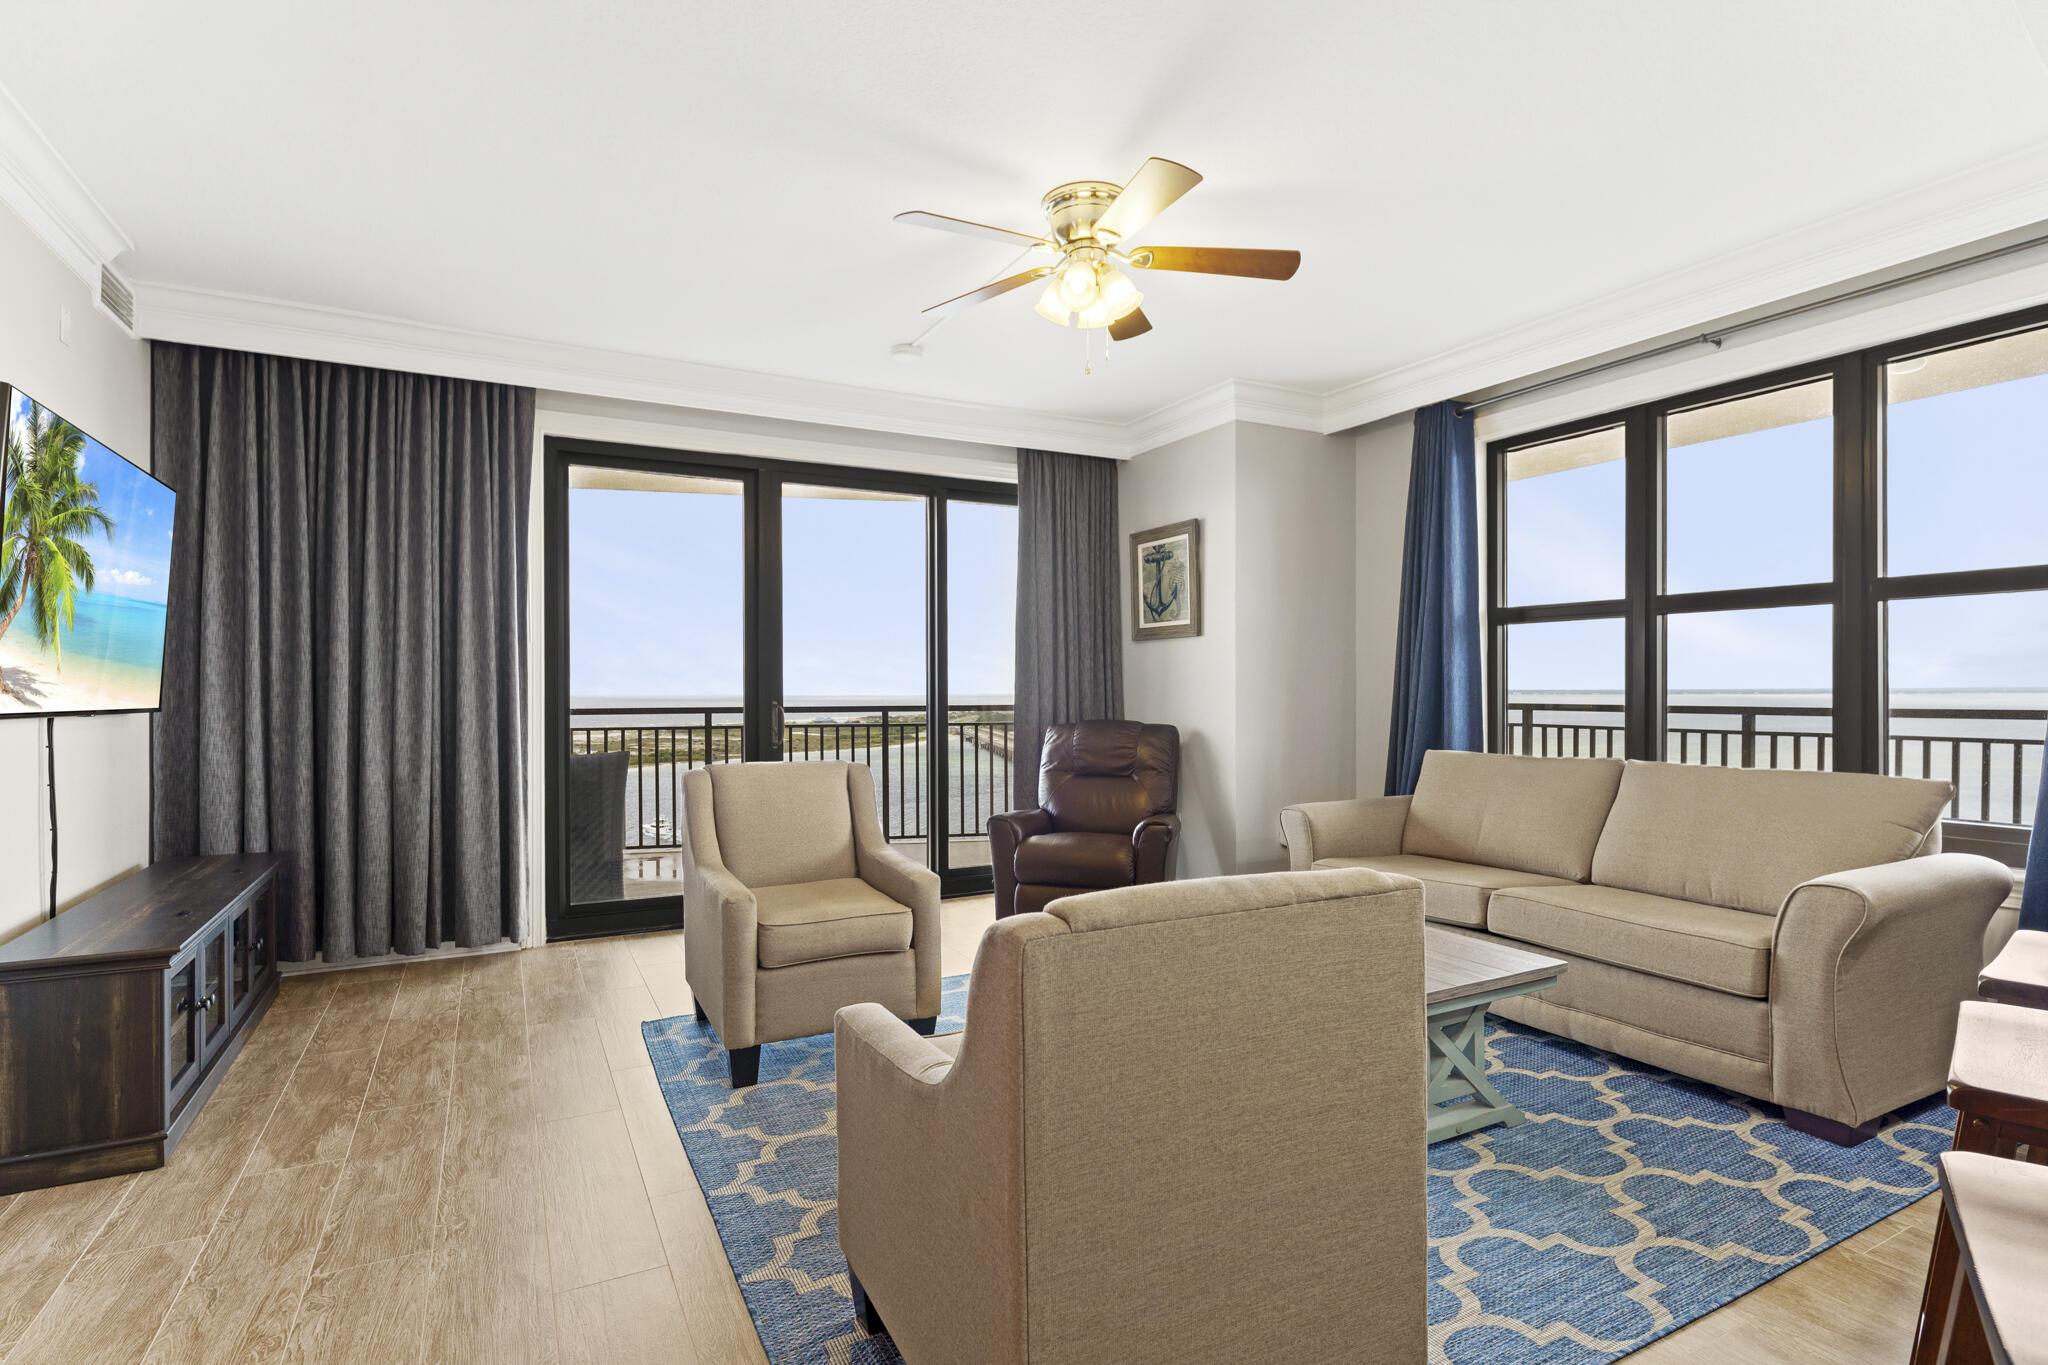 A 4 Bedroom 4 Bedroom Emerald Grande Condominium